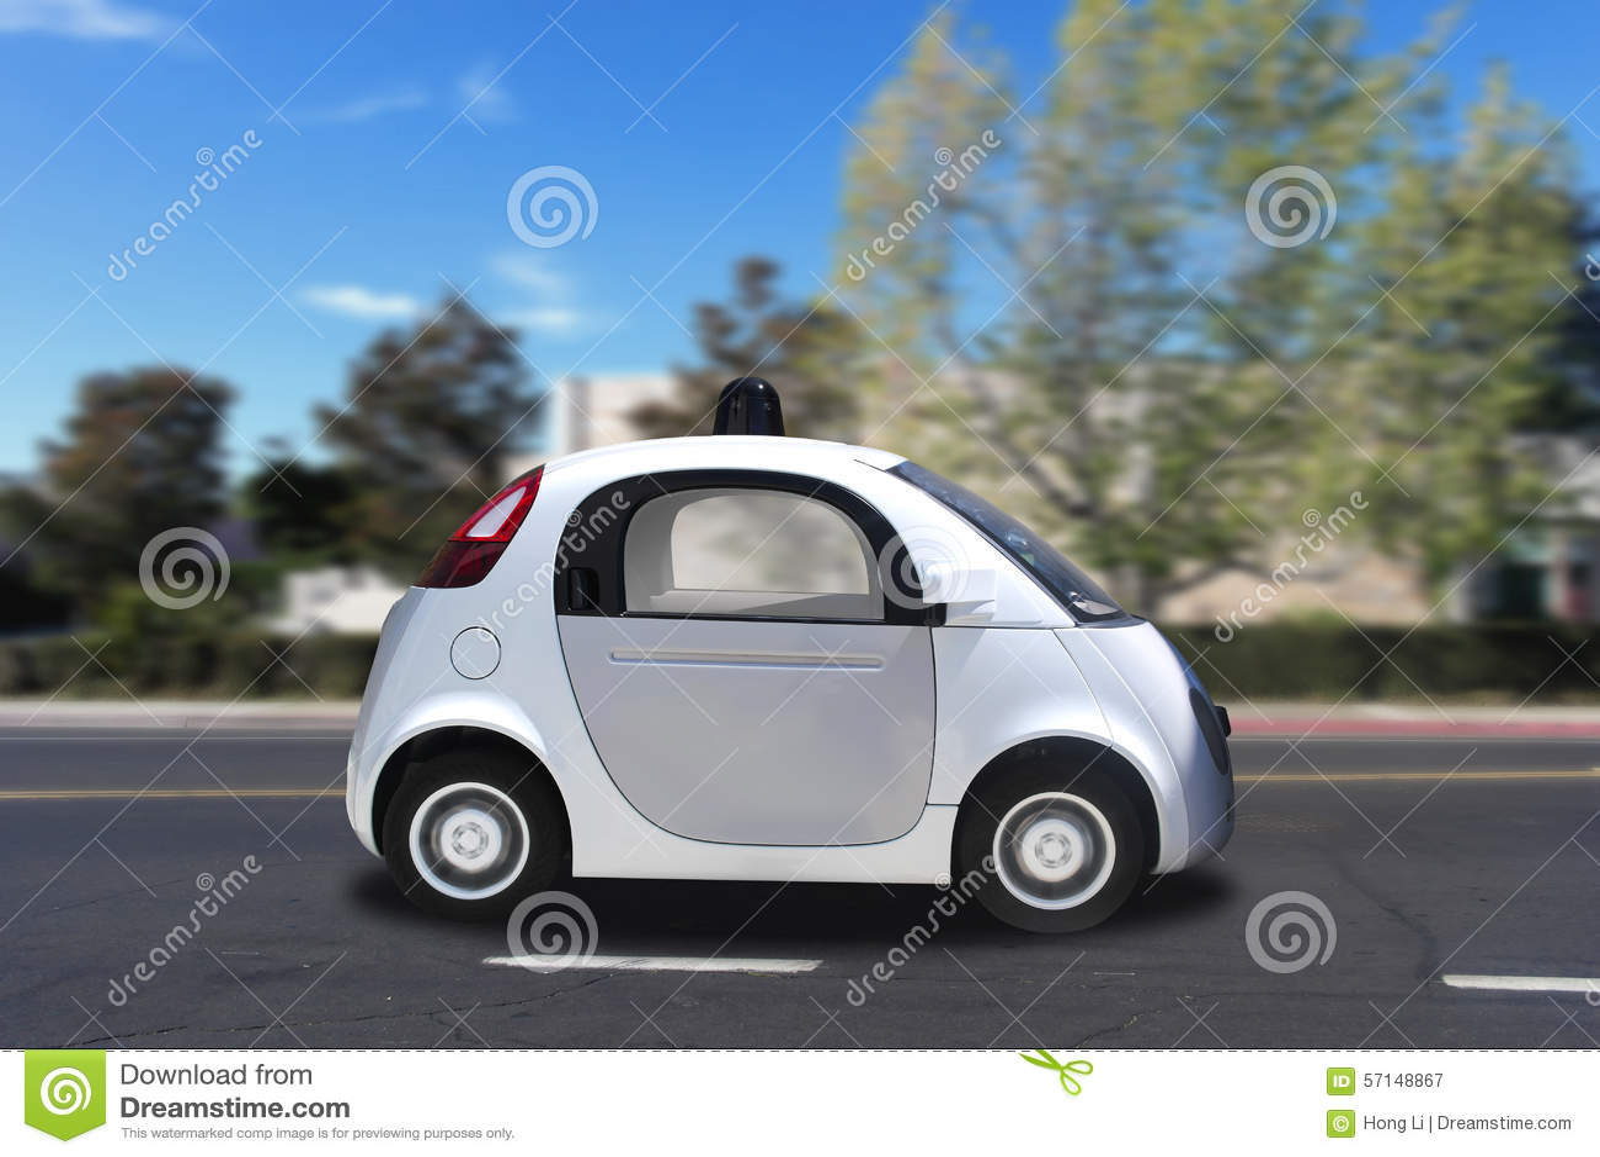 Het autonome zelf-drijft driverless voertuig drijven op de weg